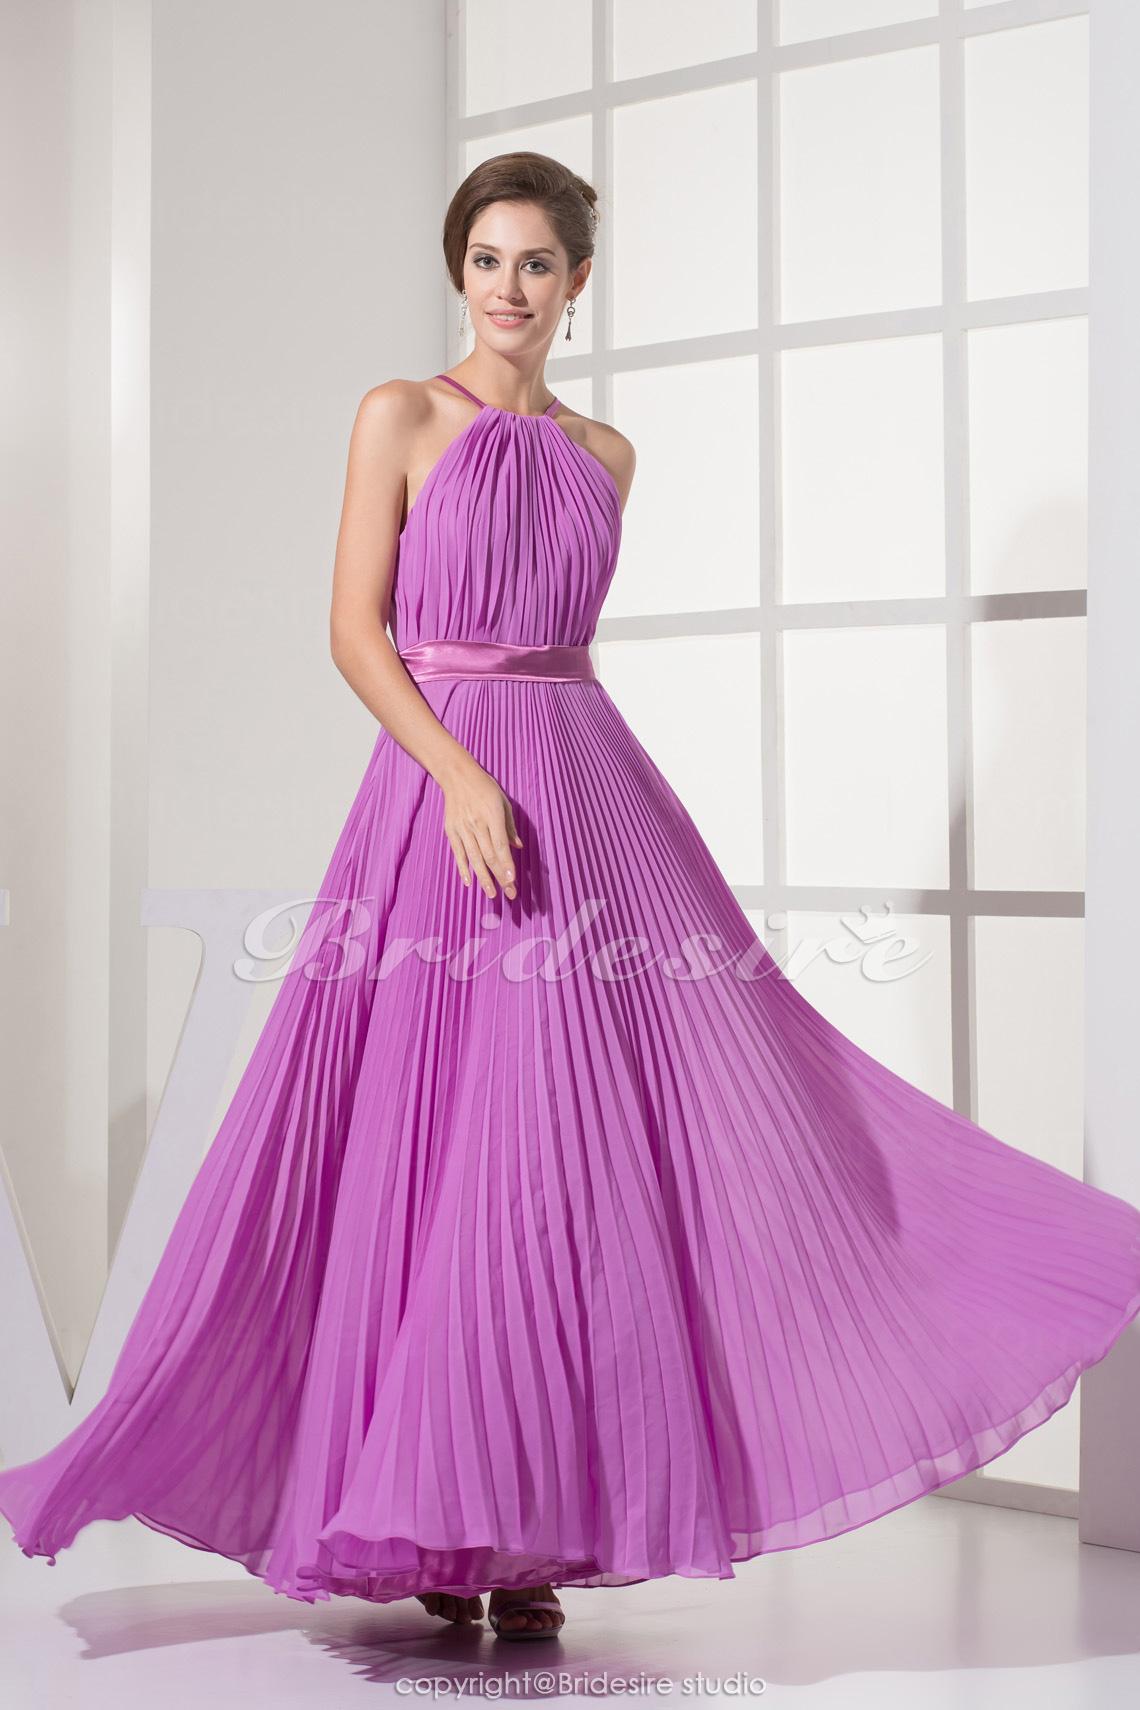 Atractivo Bridesire Madre De Los Vestidos De Novia Imágenes - Ideas ...